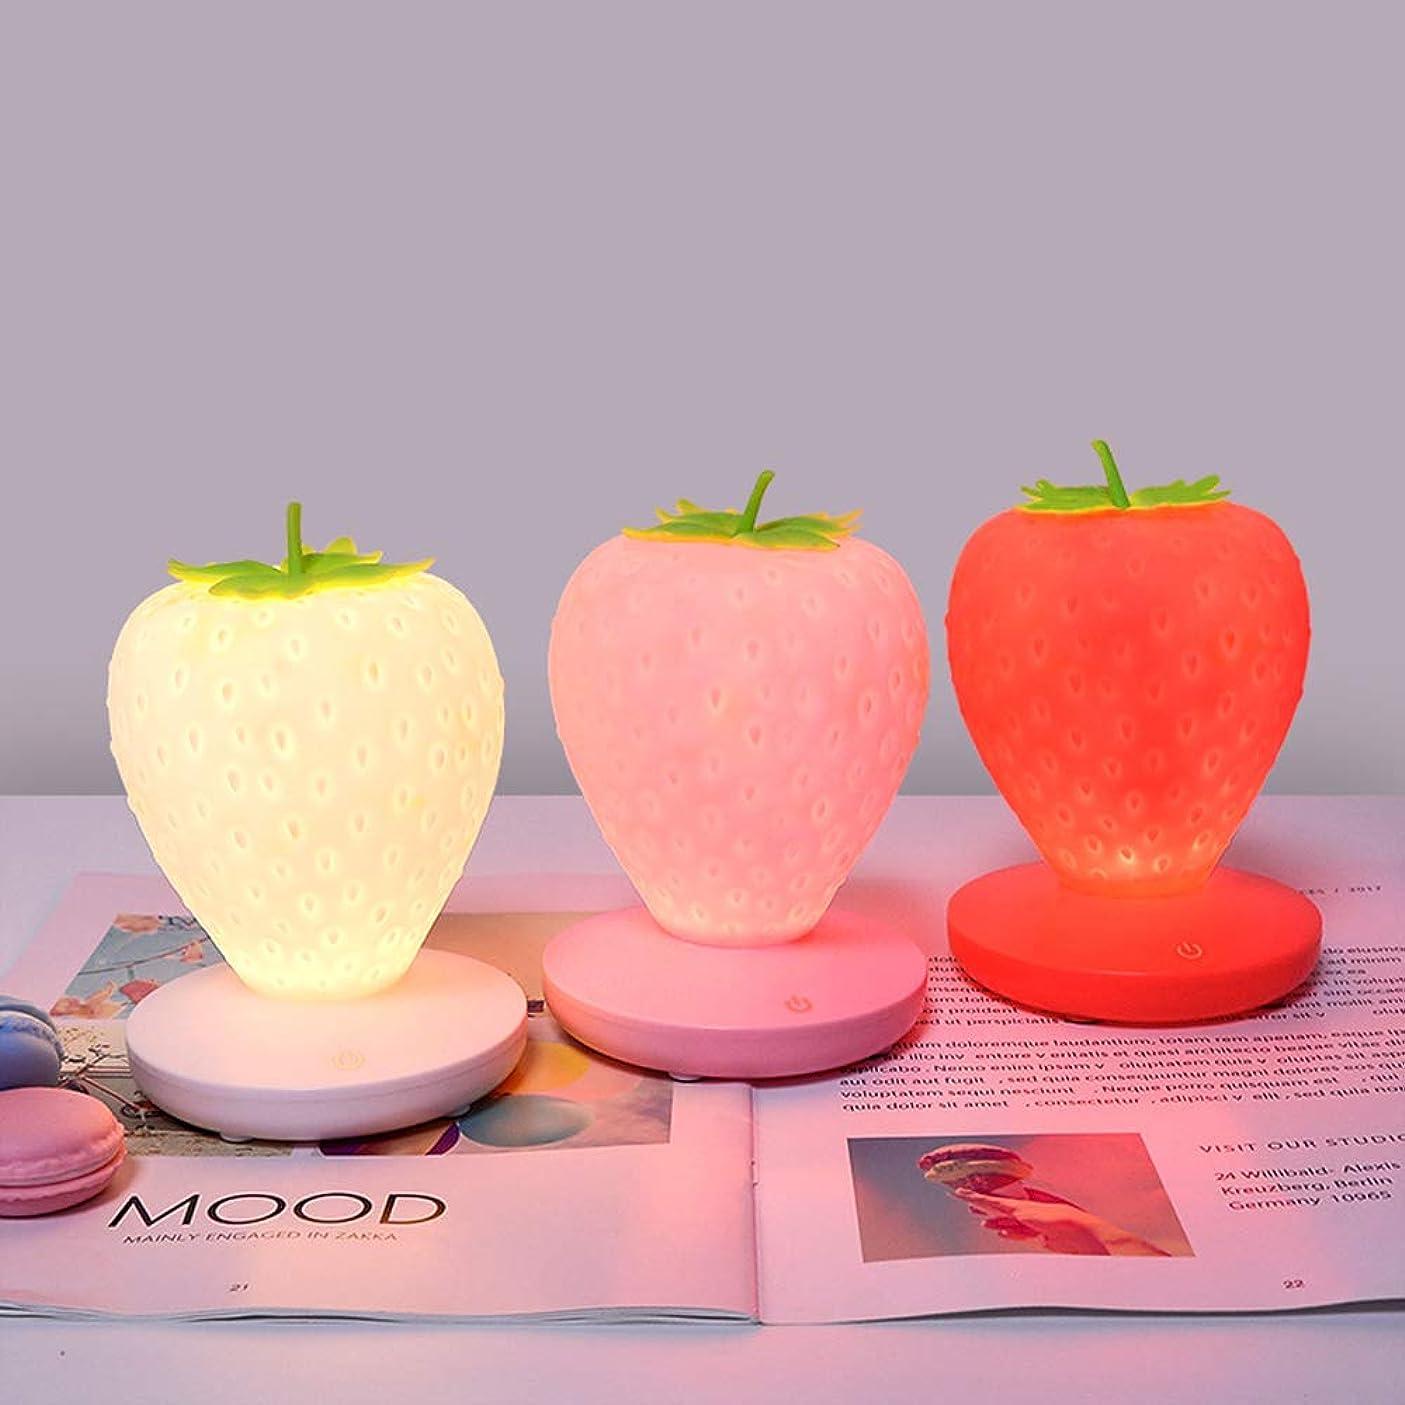 写真を撮る保存代替ナイトライト ベッド サイドランプ テーブルランプ 明るさ三段階調整 USB充電式 省エネ 安全素材 授乳用 柔らか 快適な手触りおしゃれ 雰囲気作り 癒しグッズ いちご型 レッド